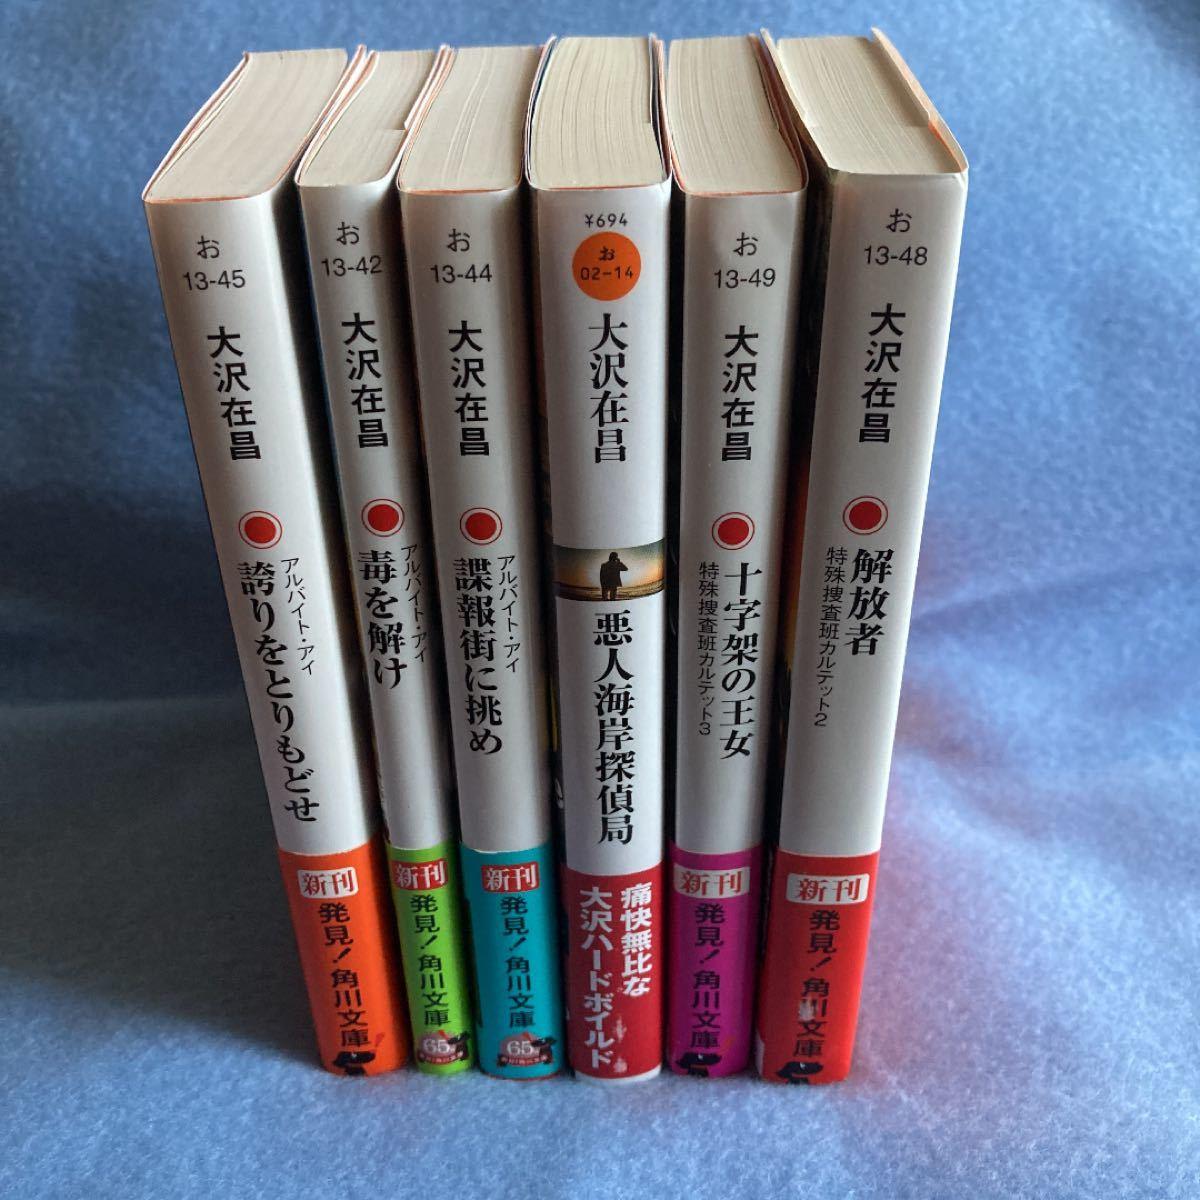 大沢在昌 誇りをとりもどせ 6冊